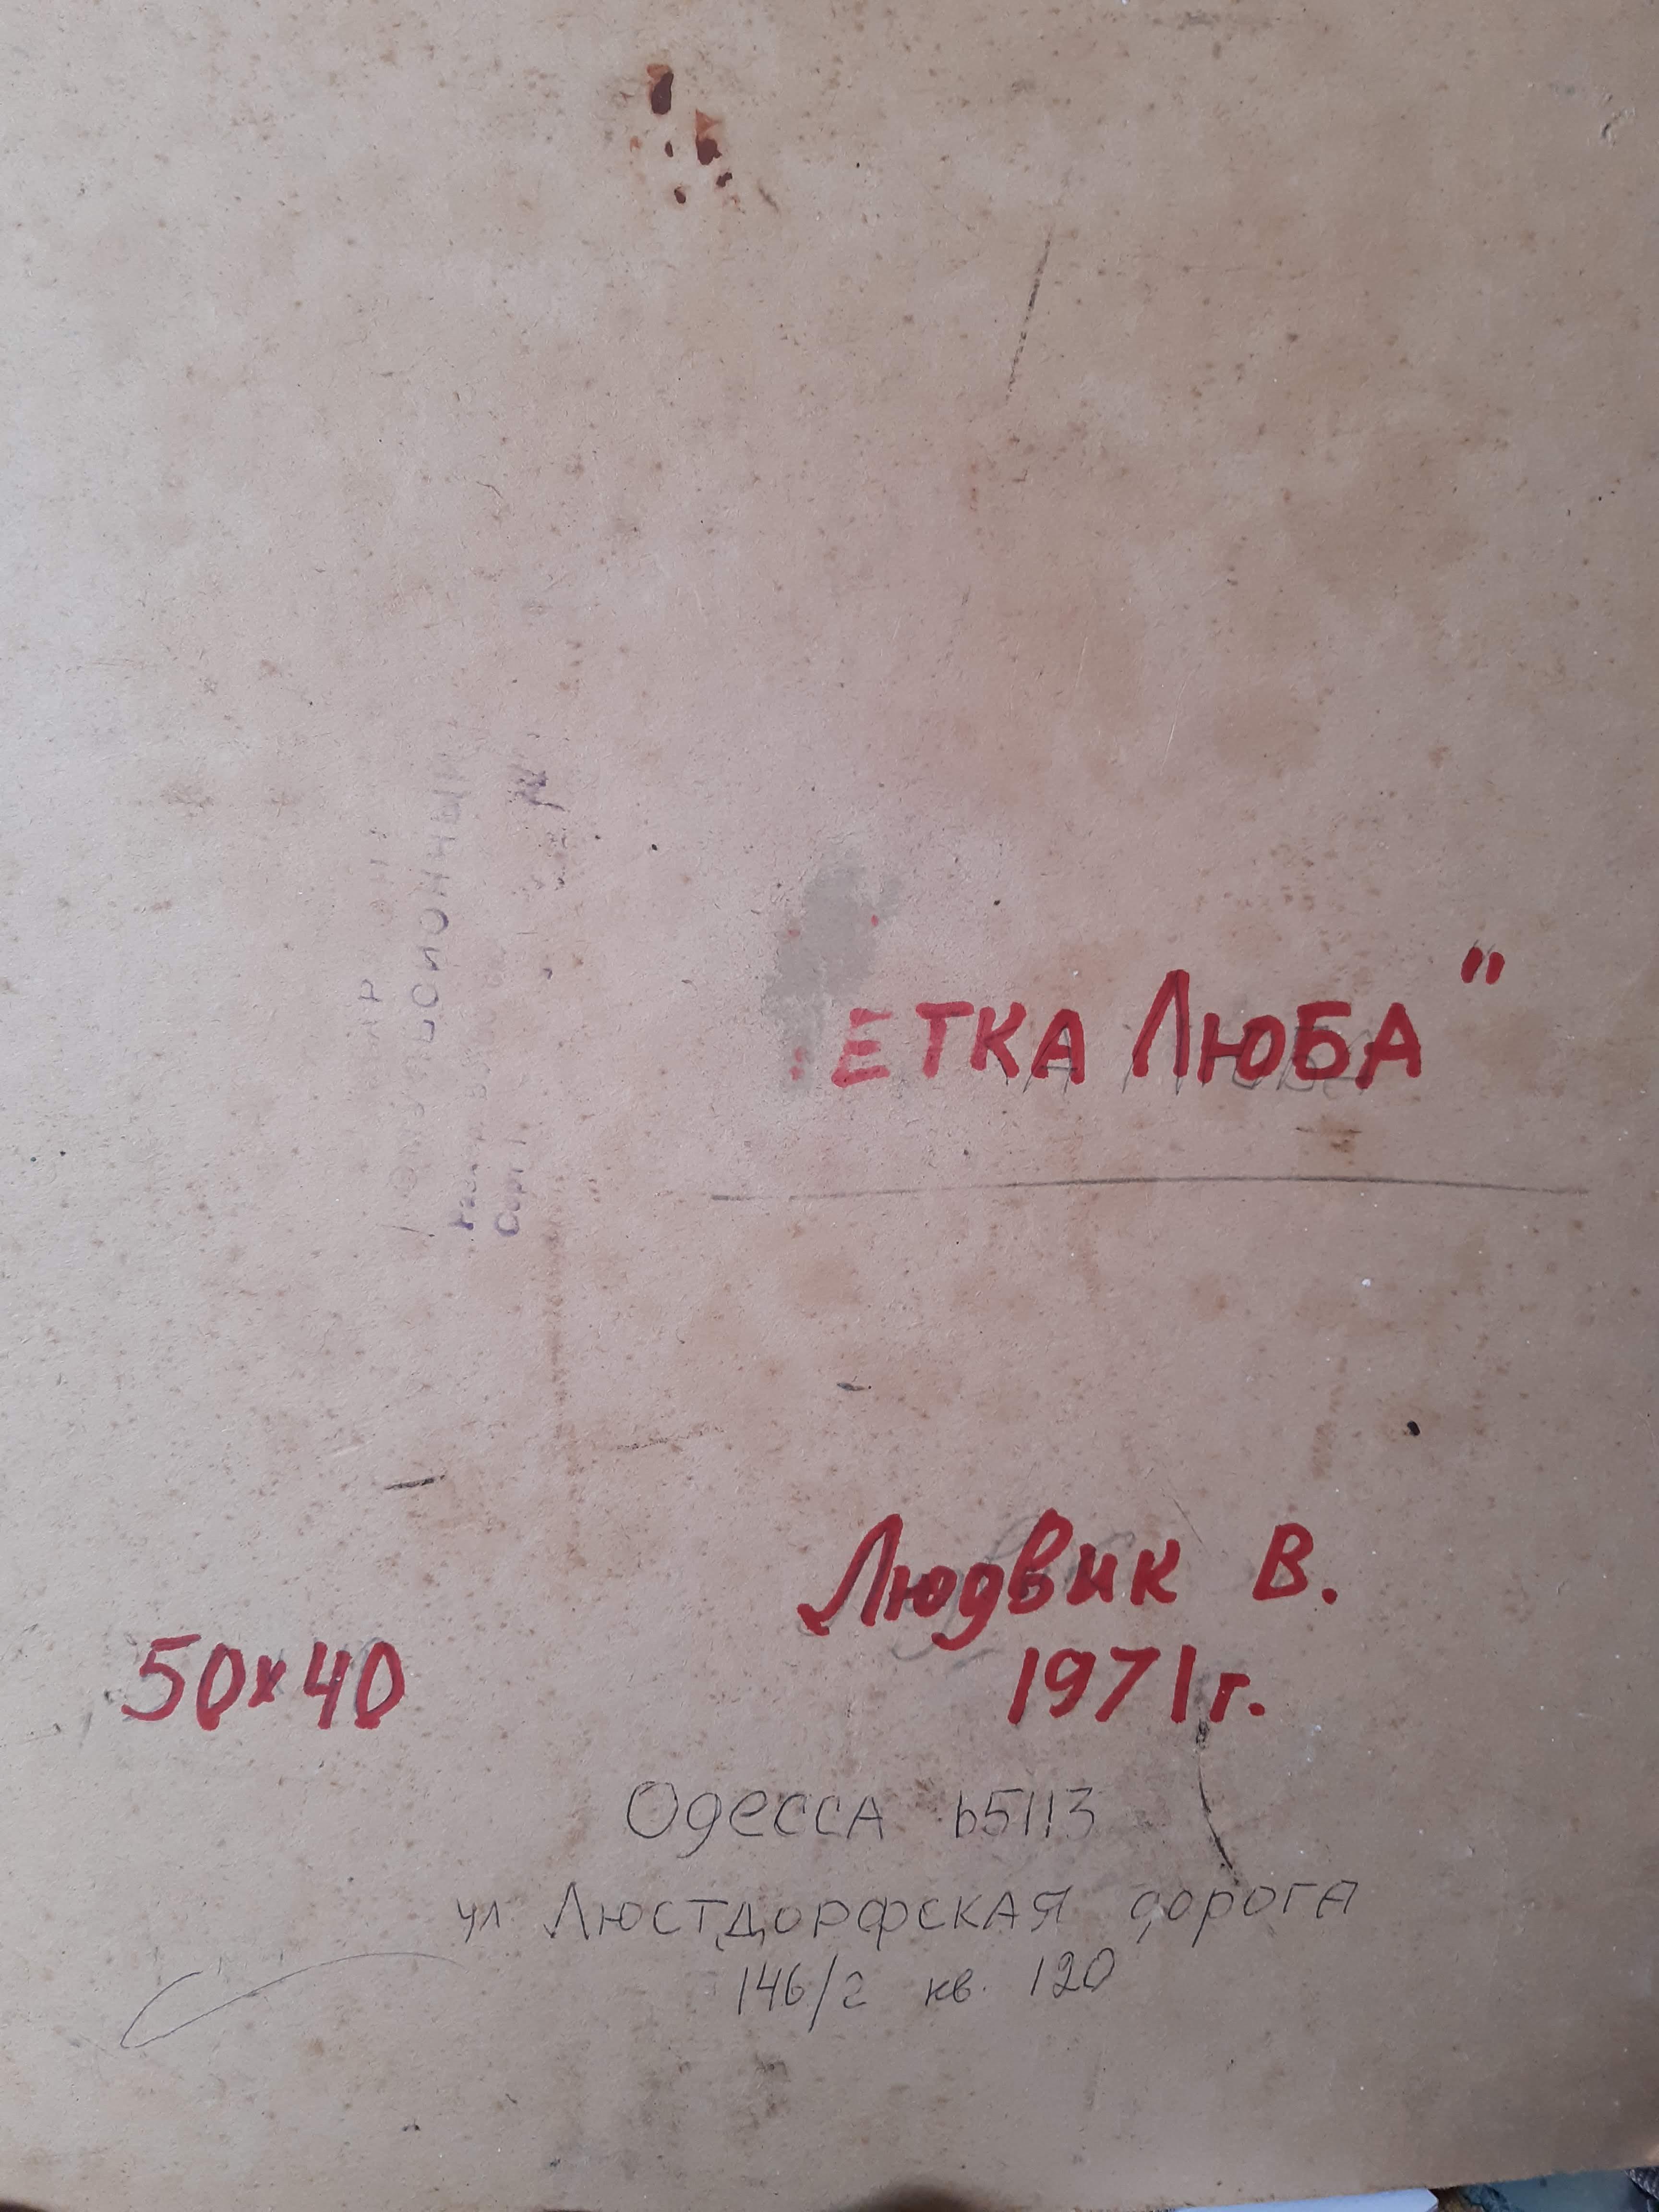 Портрет тётки 50-40 см., картон, масло 1971 год  - 1